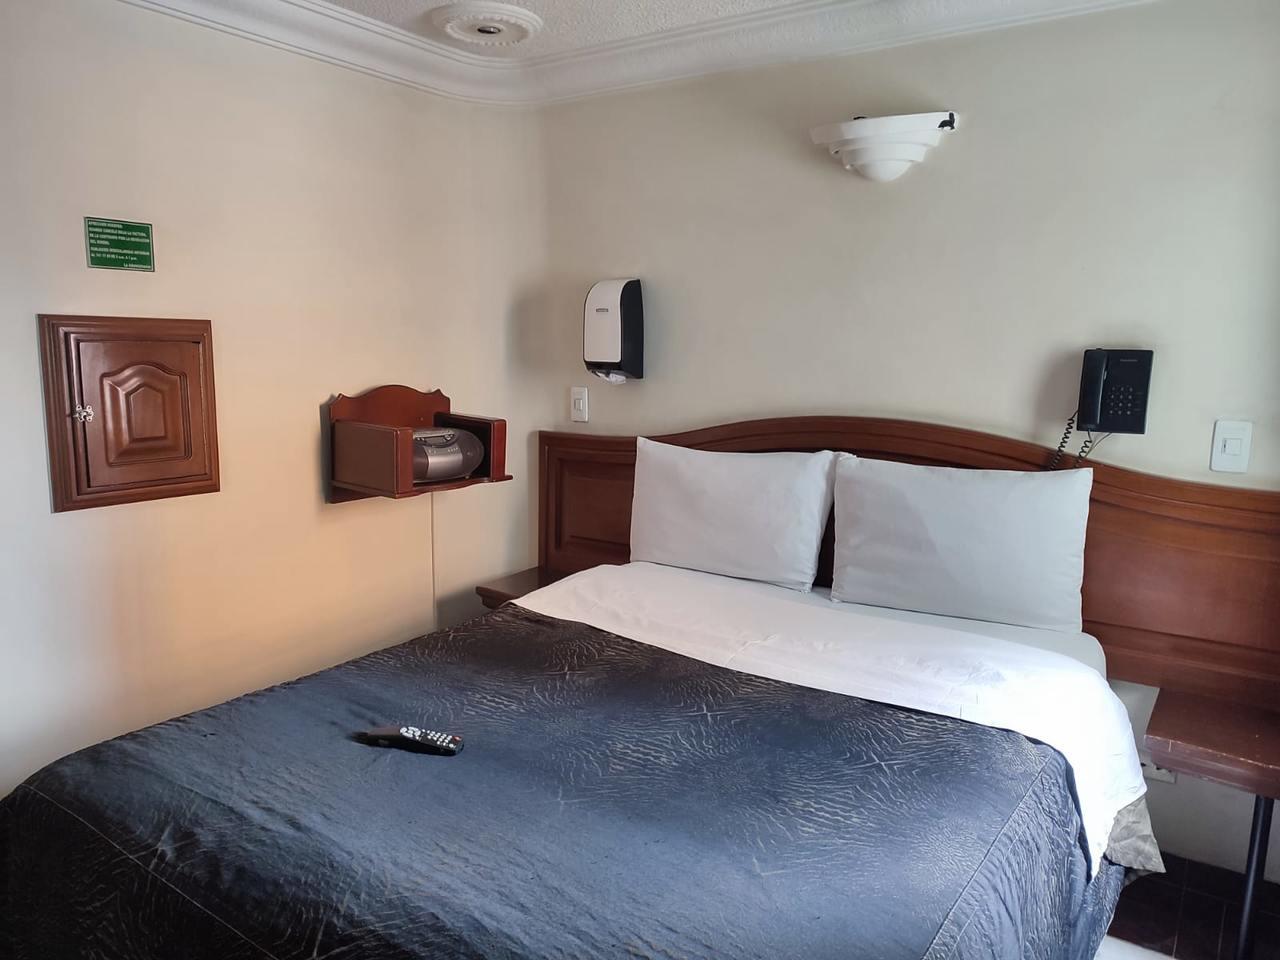 Habitación Sencilla en Amoblados El Romance : MotelNow